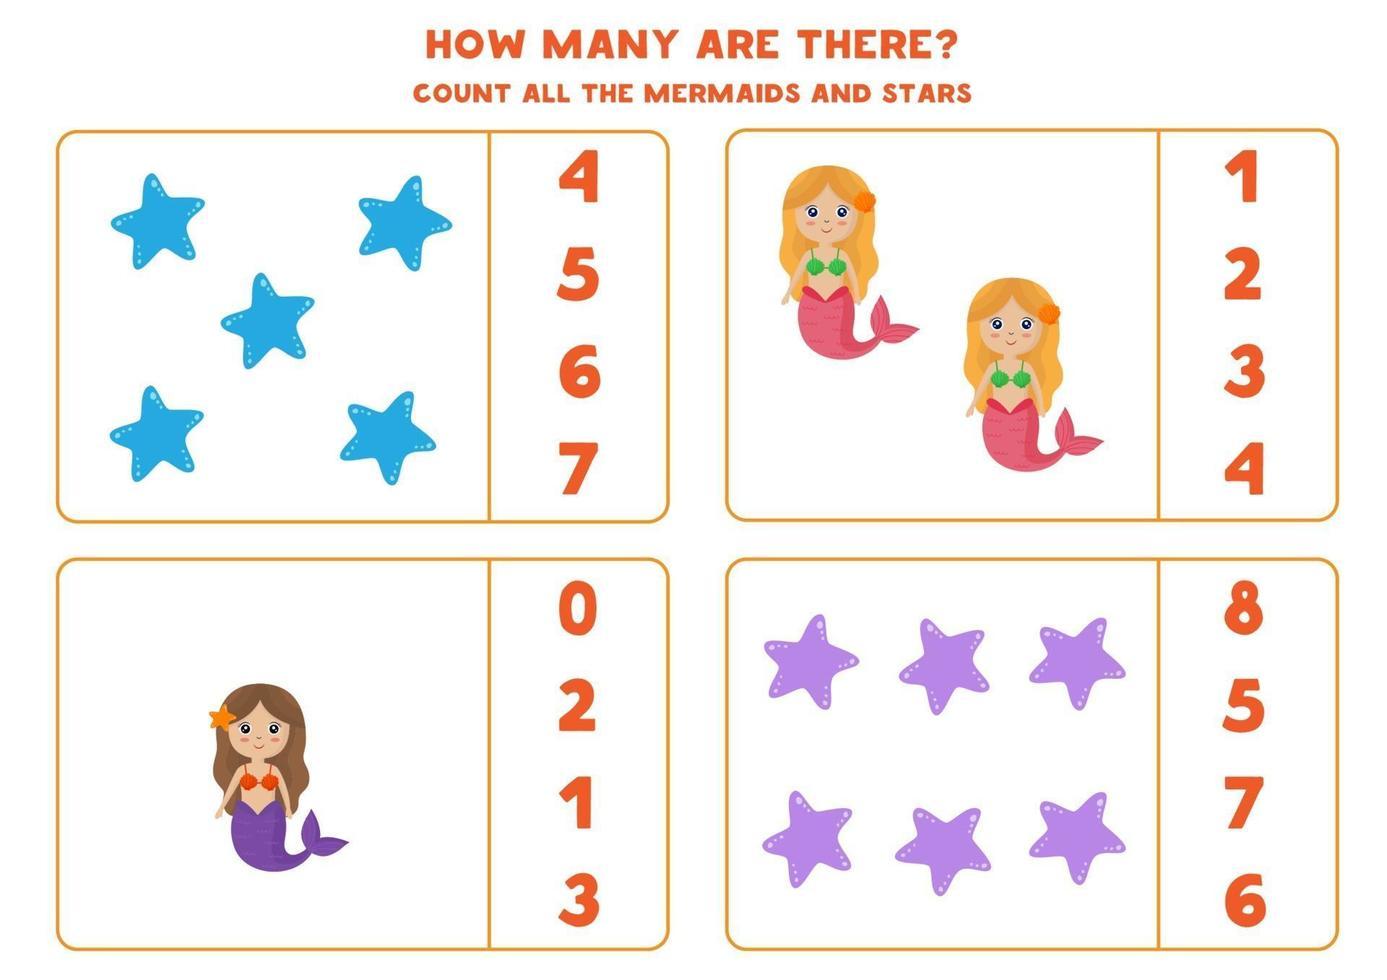 jeu de comptage avec des sirènes et des étoiles de mer. feuille de calcul mathématique. vecteur